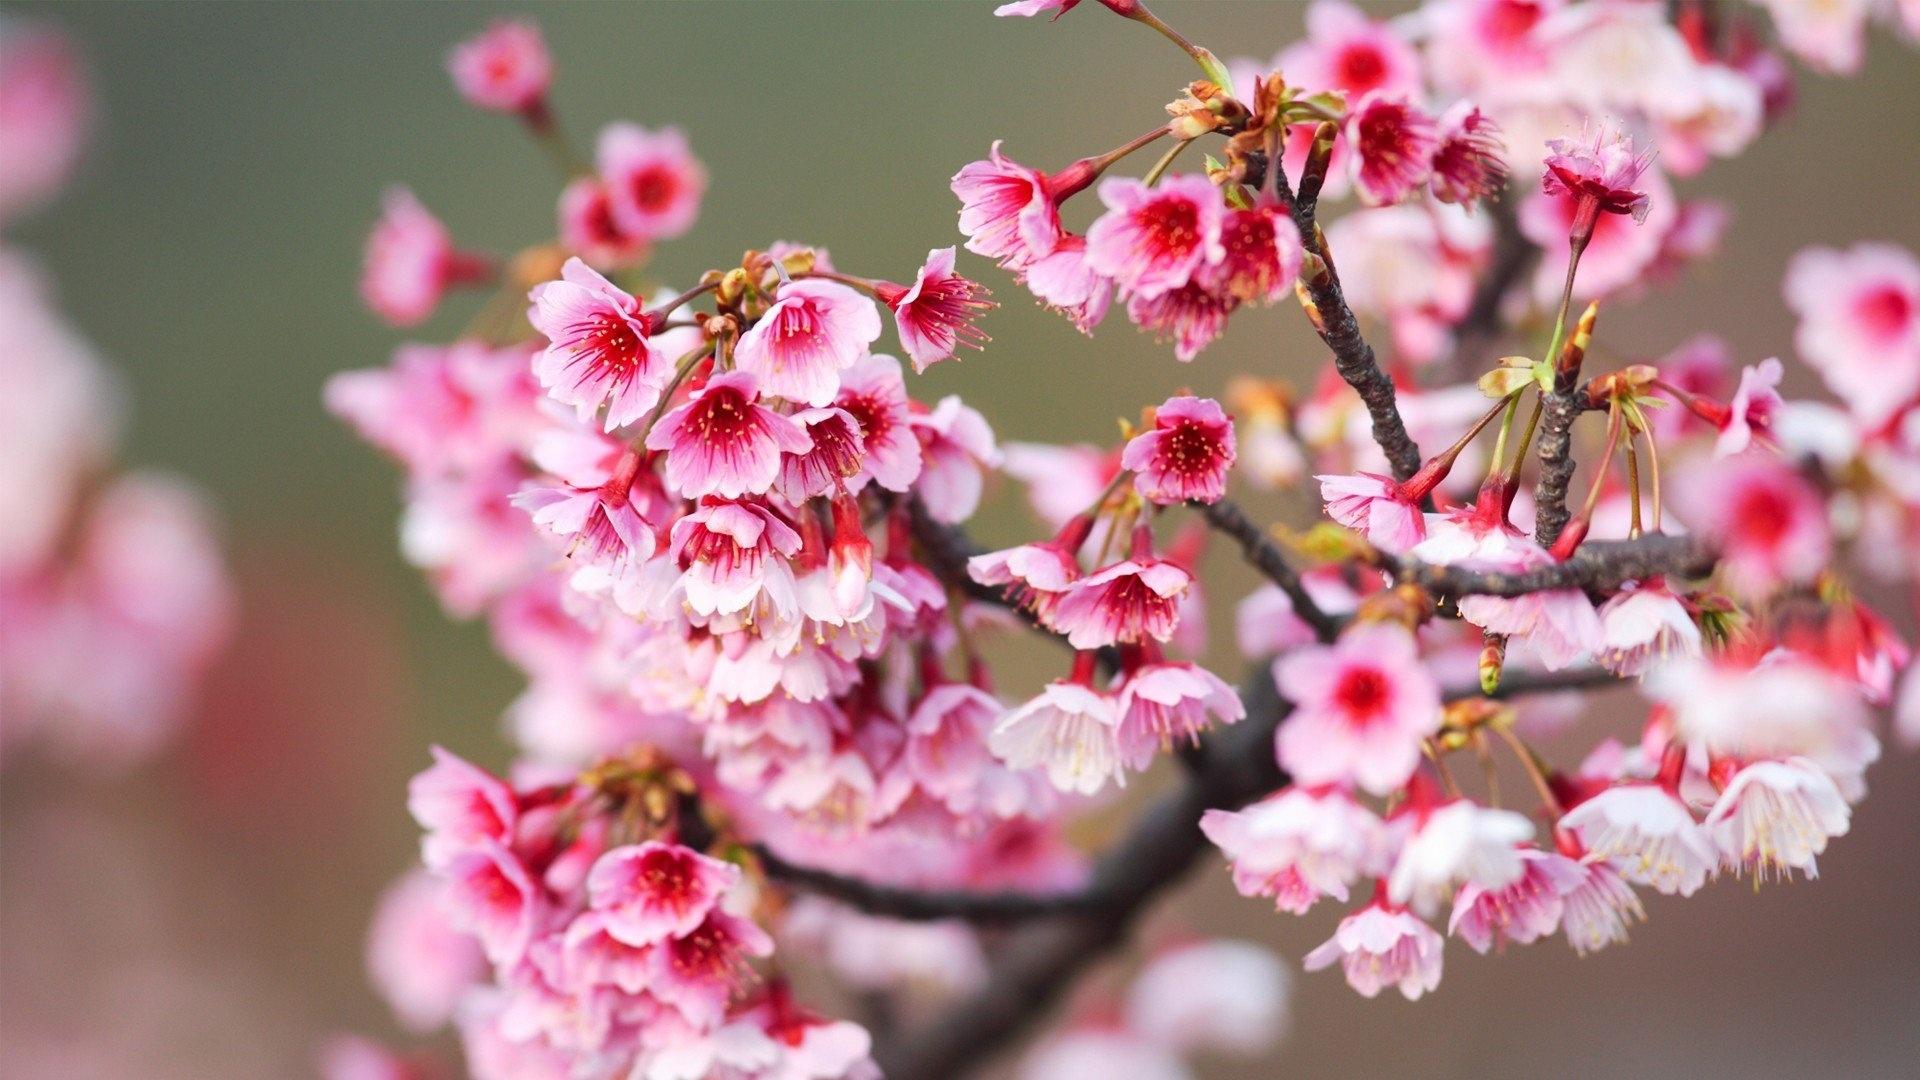 Sakura Blossom desktop wallpaper hd